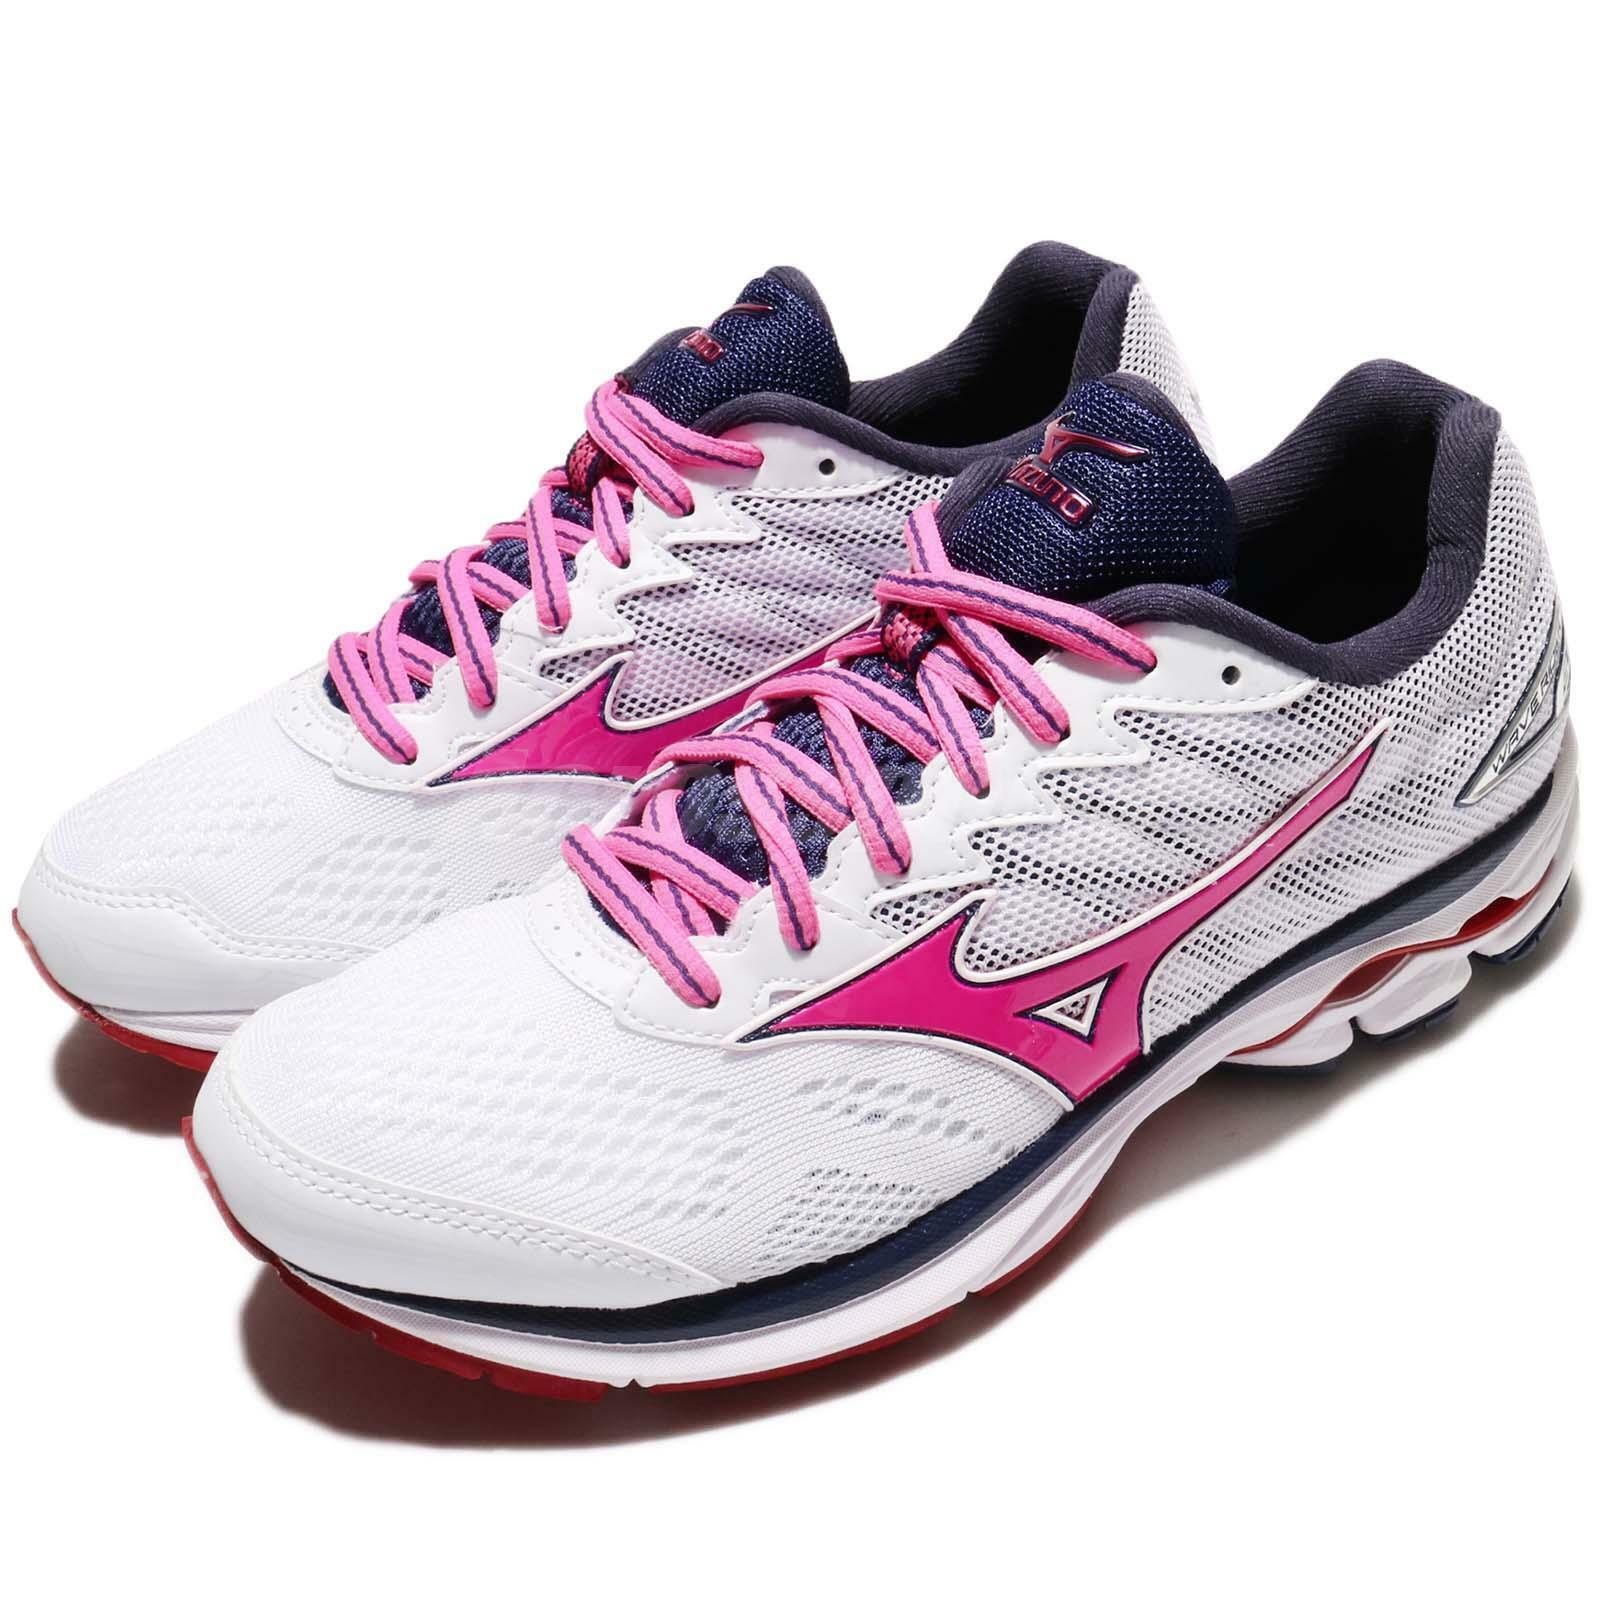 Mizuno Wave Rider 20 blanc rose femmes Running Training chaussures baskets J1GD1703-66